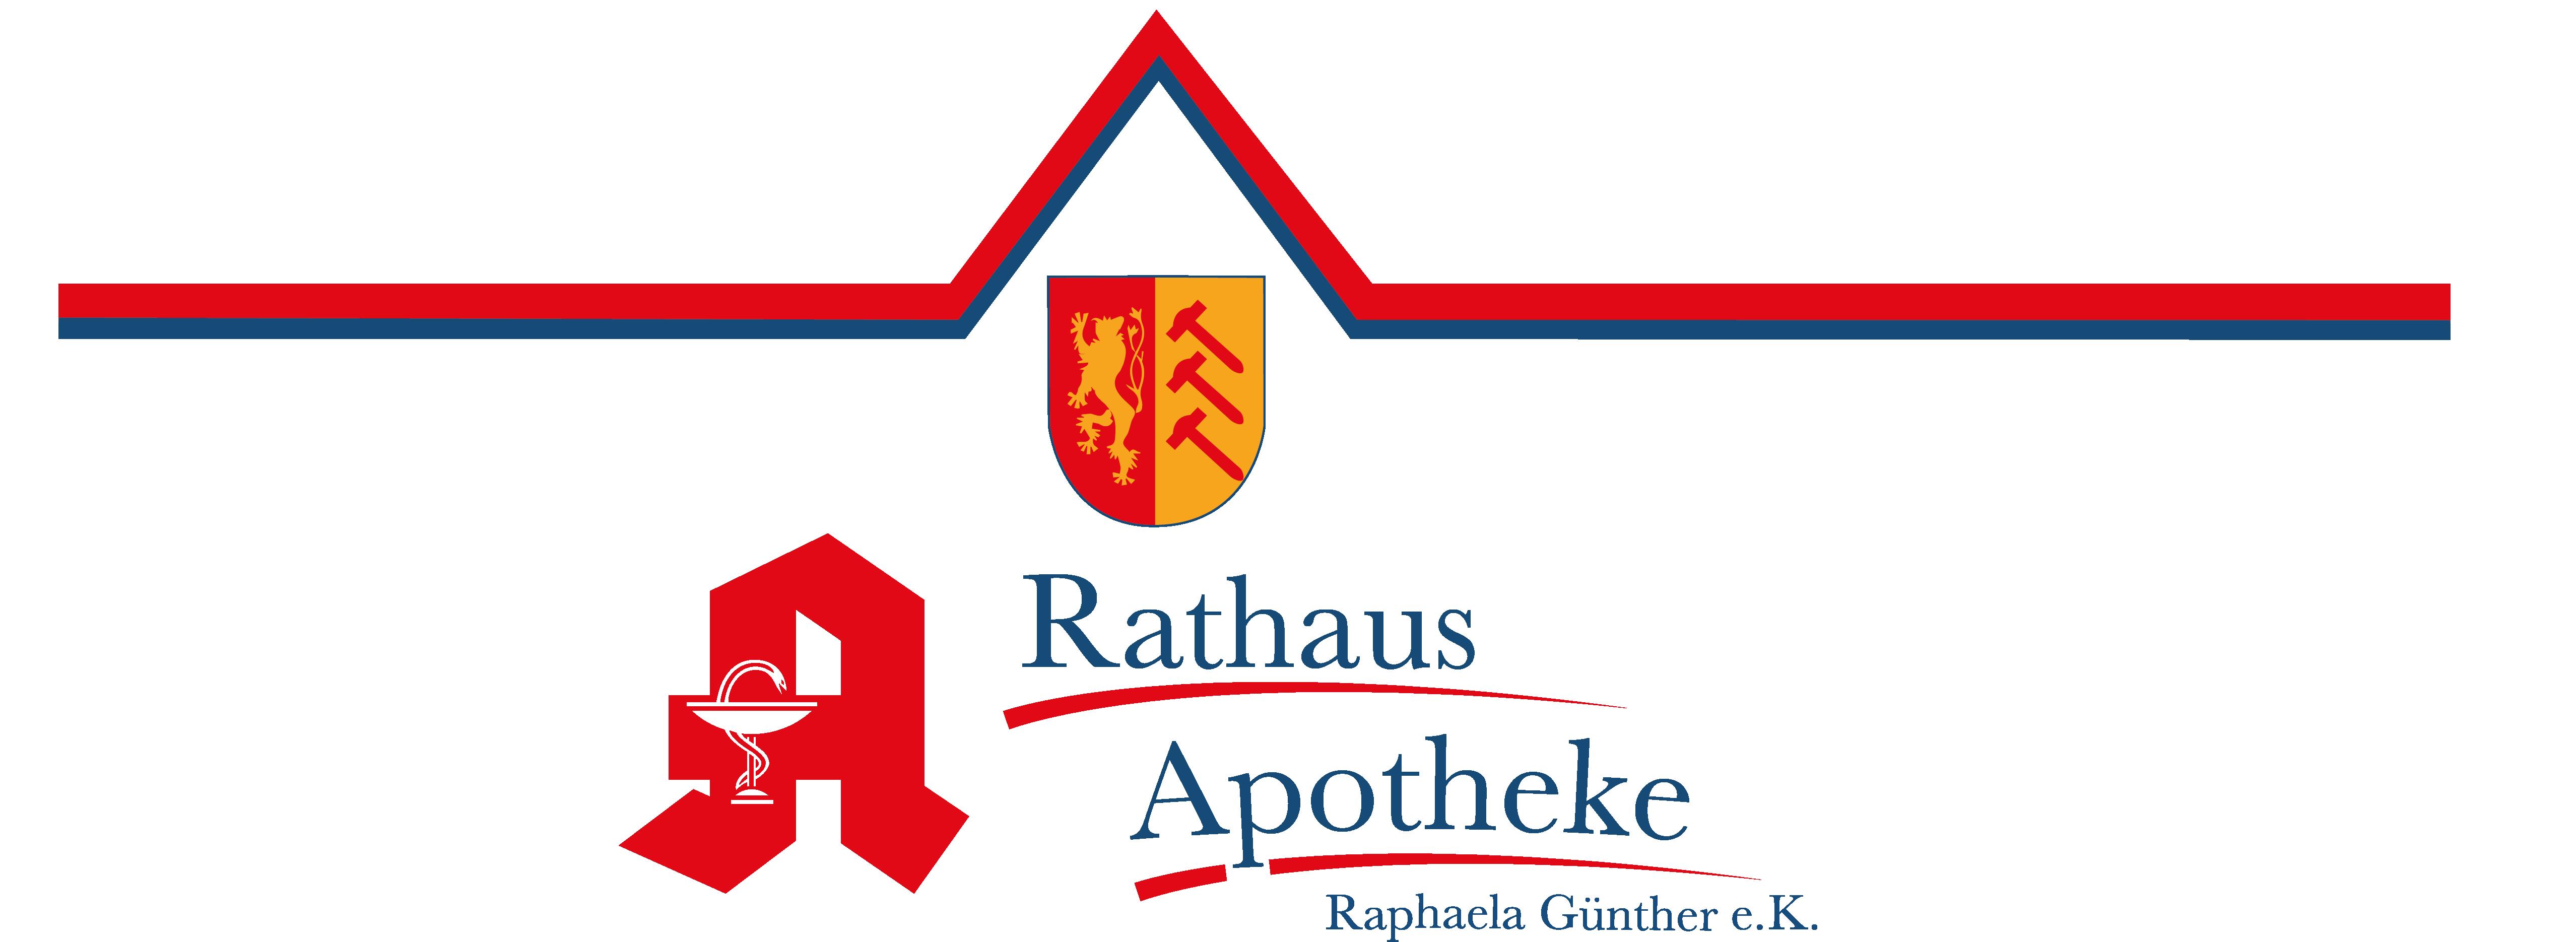 Guenther-Apotheken-Irlich-Rathaus